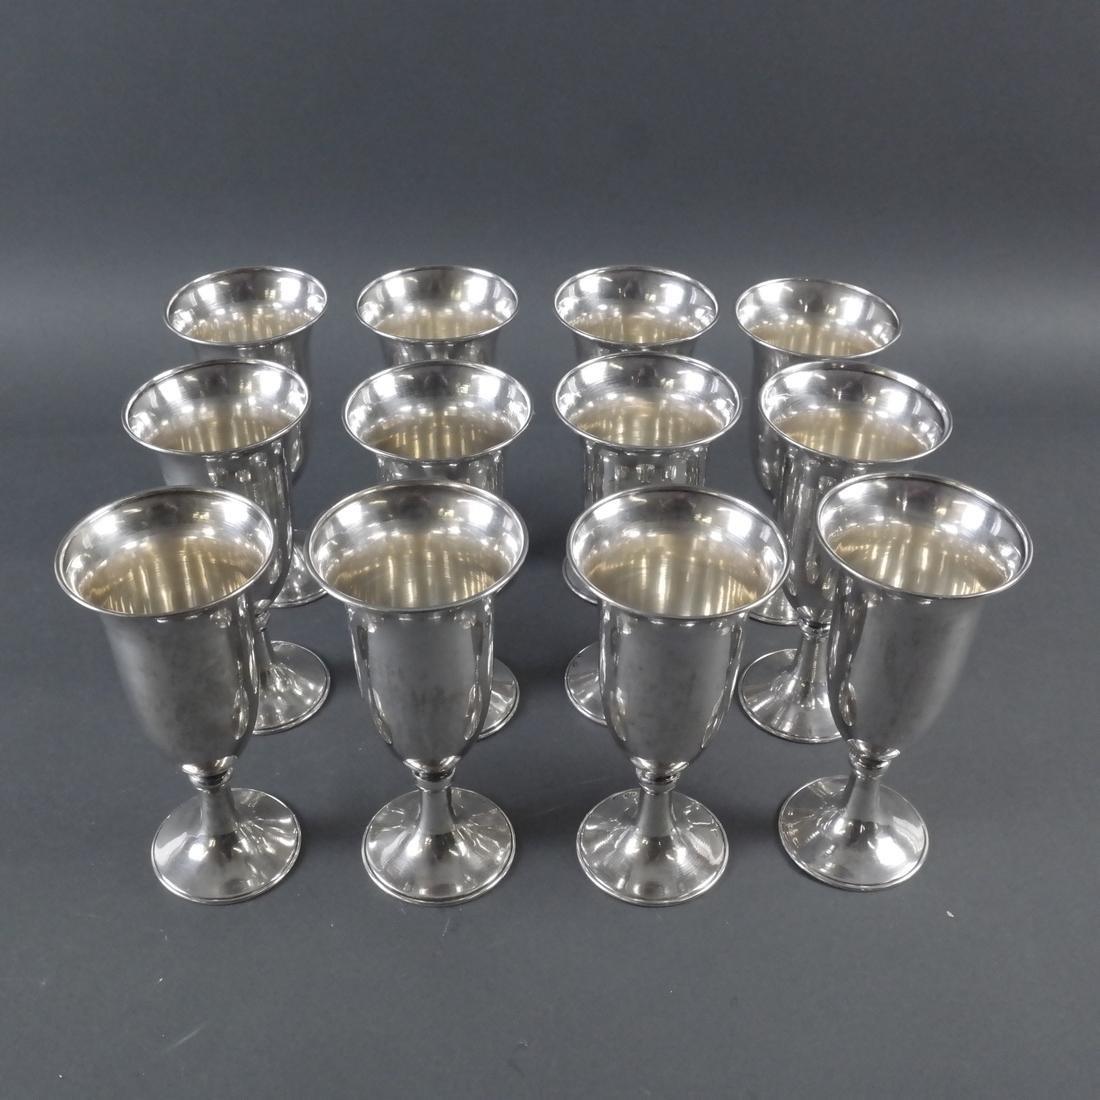 Set Twelve .900 Standard Silver Goblets